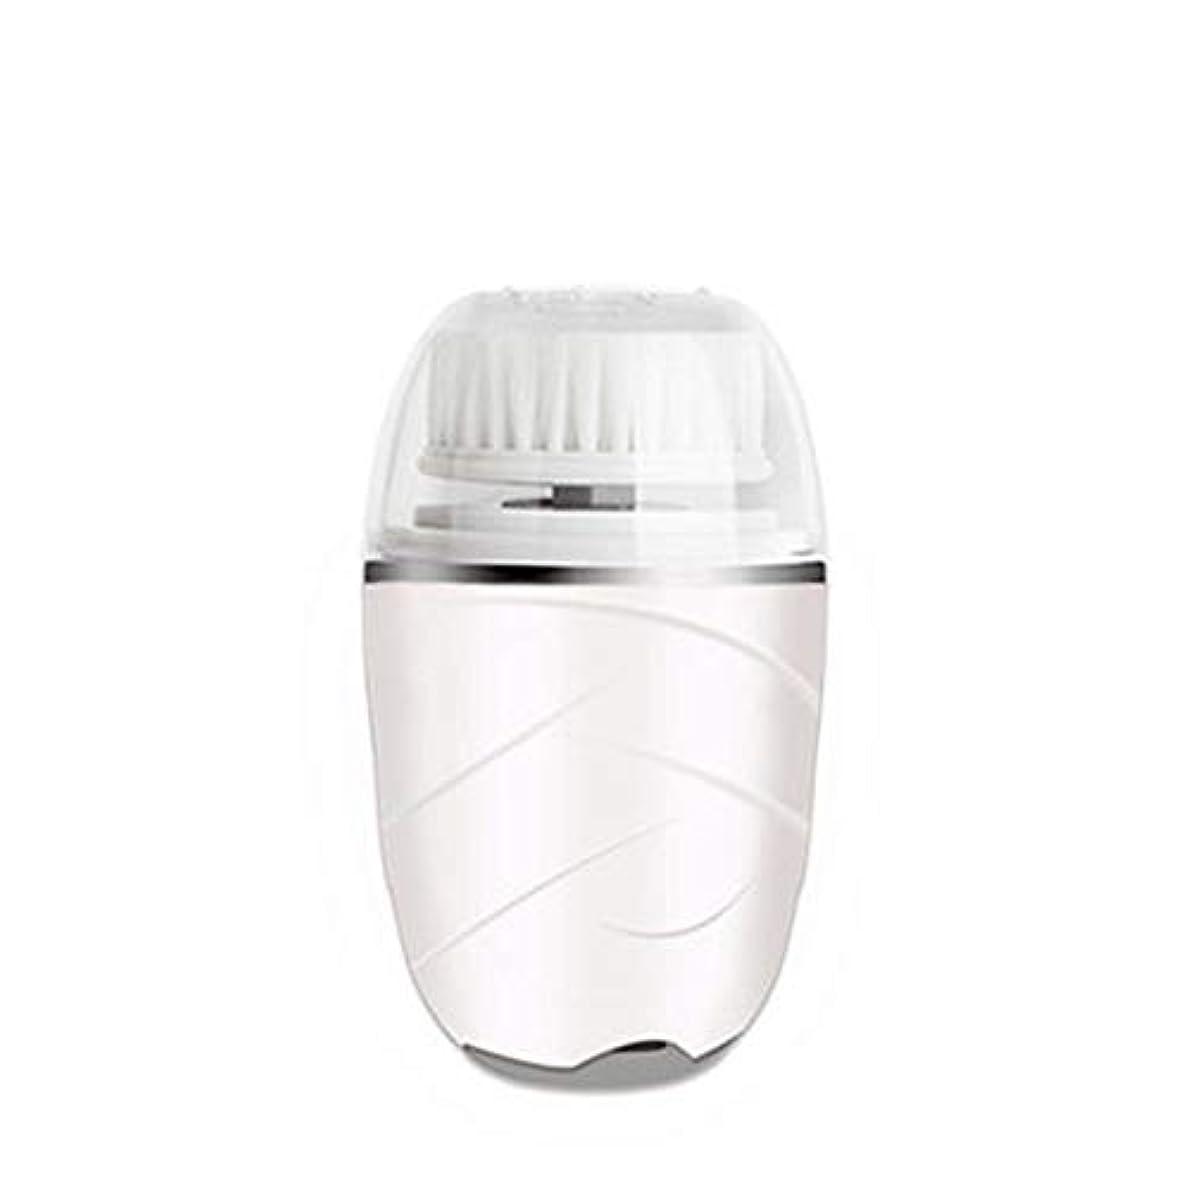 疎外する構築する排除HEHUIHUI- クレンジングブラシ、防水ディープクレンジングポア、電気剥離、にきび、アンチエイジングクレンジングブラシ(ピンク) (Color : White)